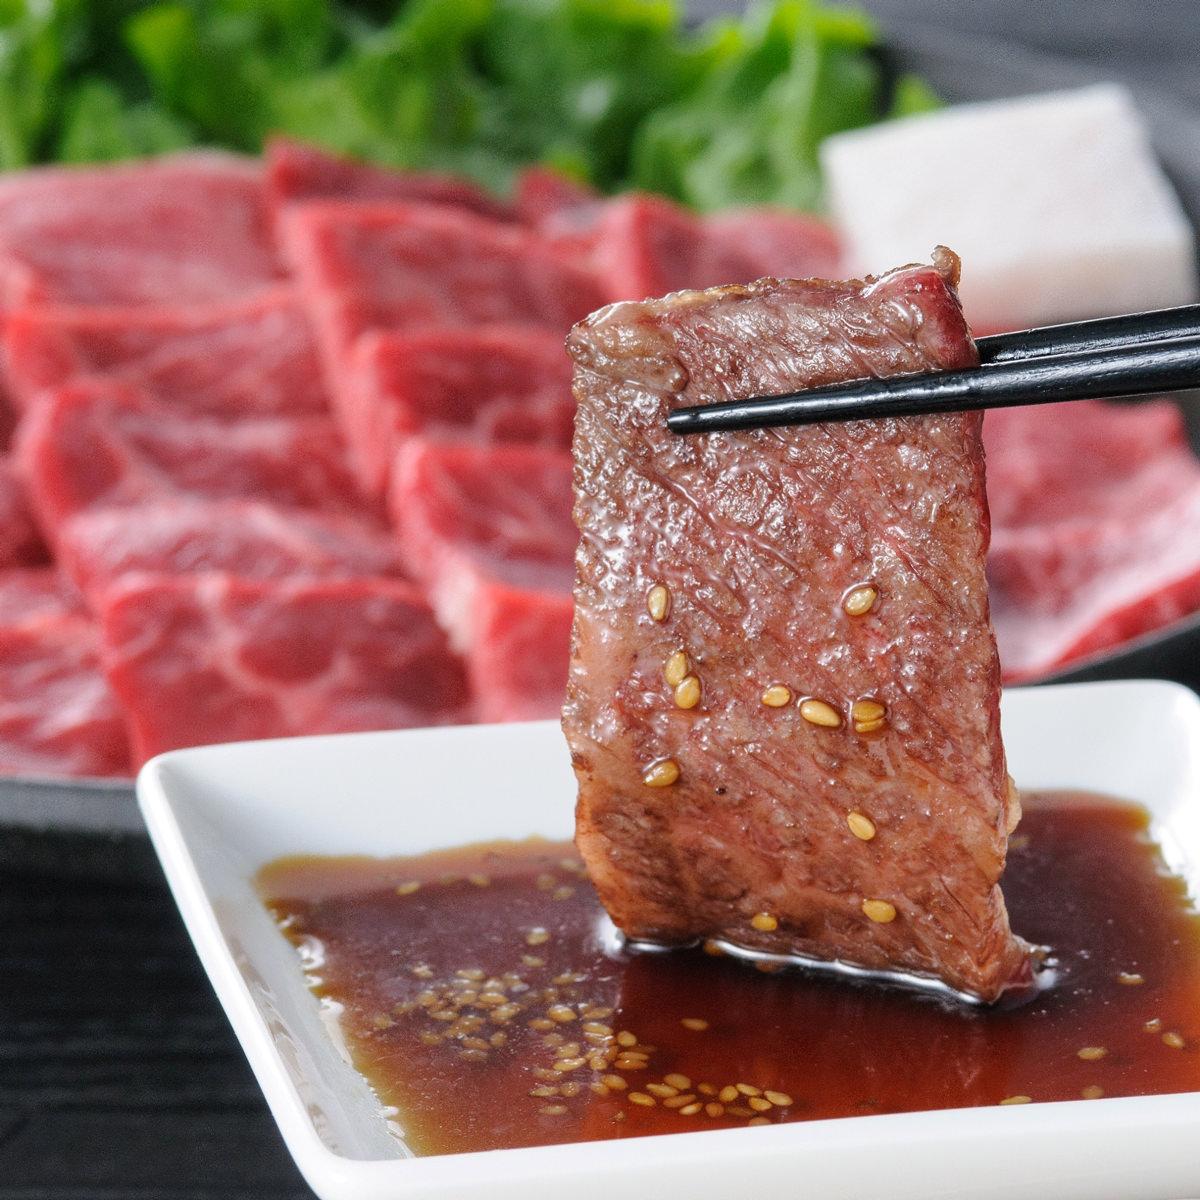 高橋畜産食肉 蔵王牛ロース焼肉〔300g〕宮城県産